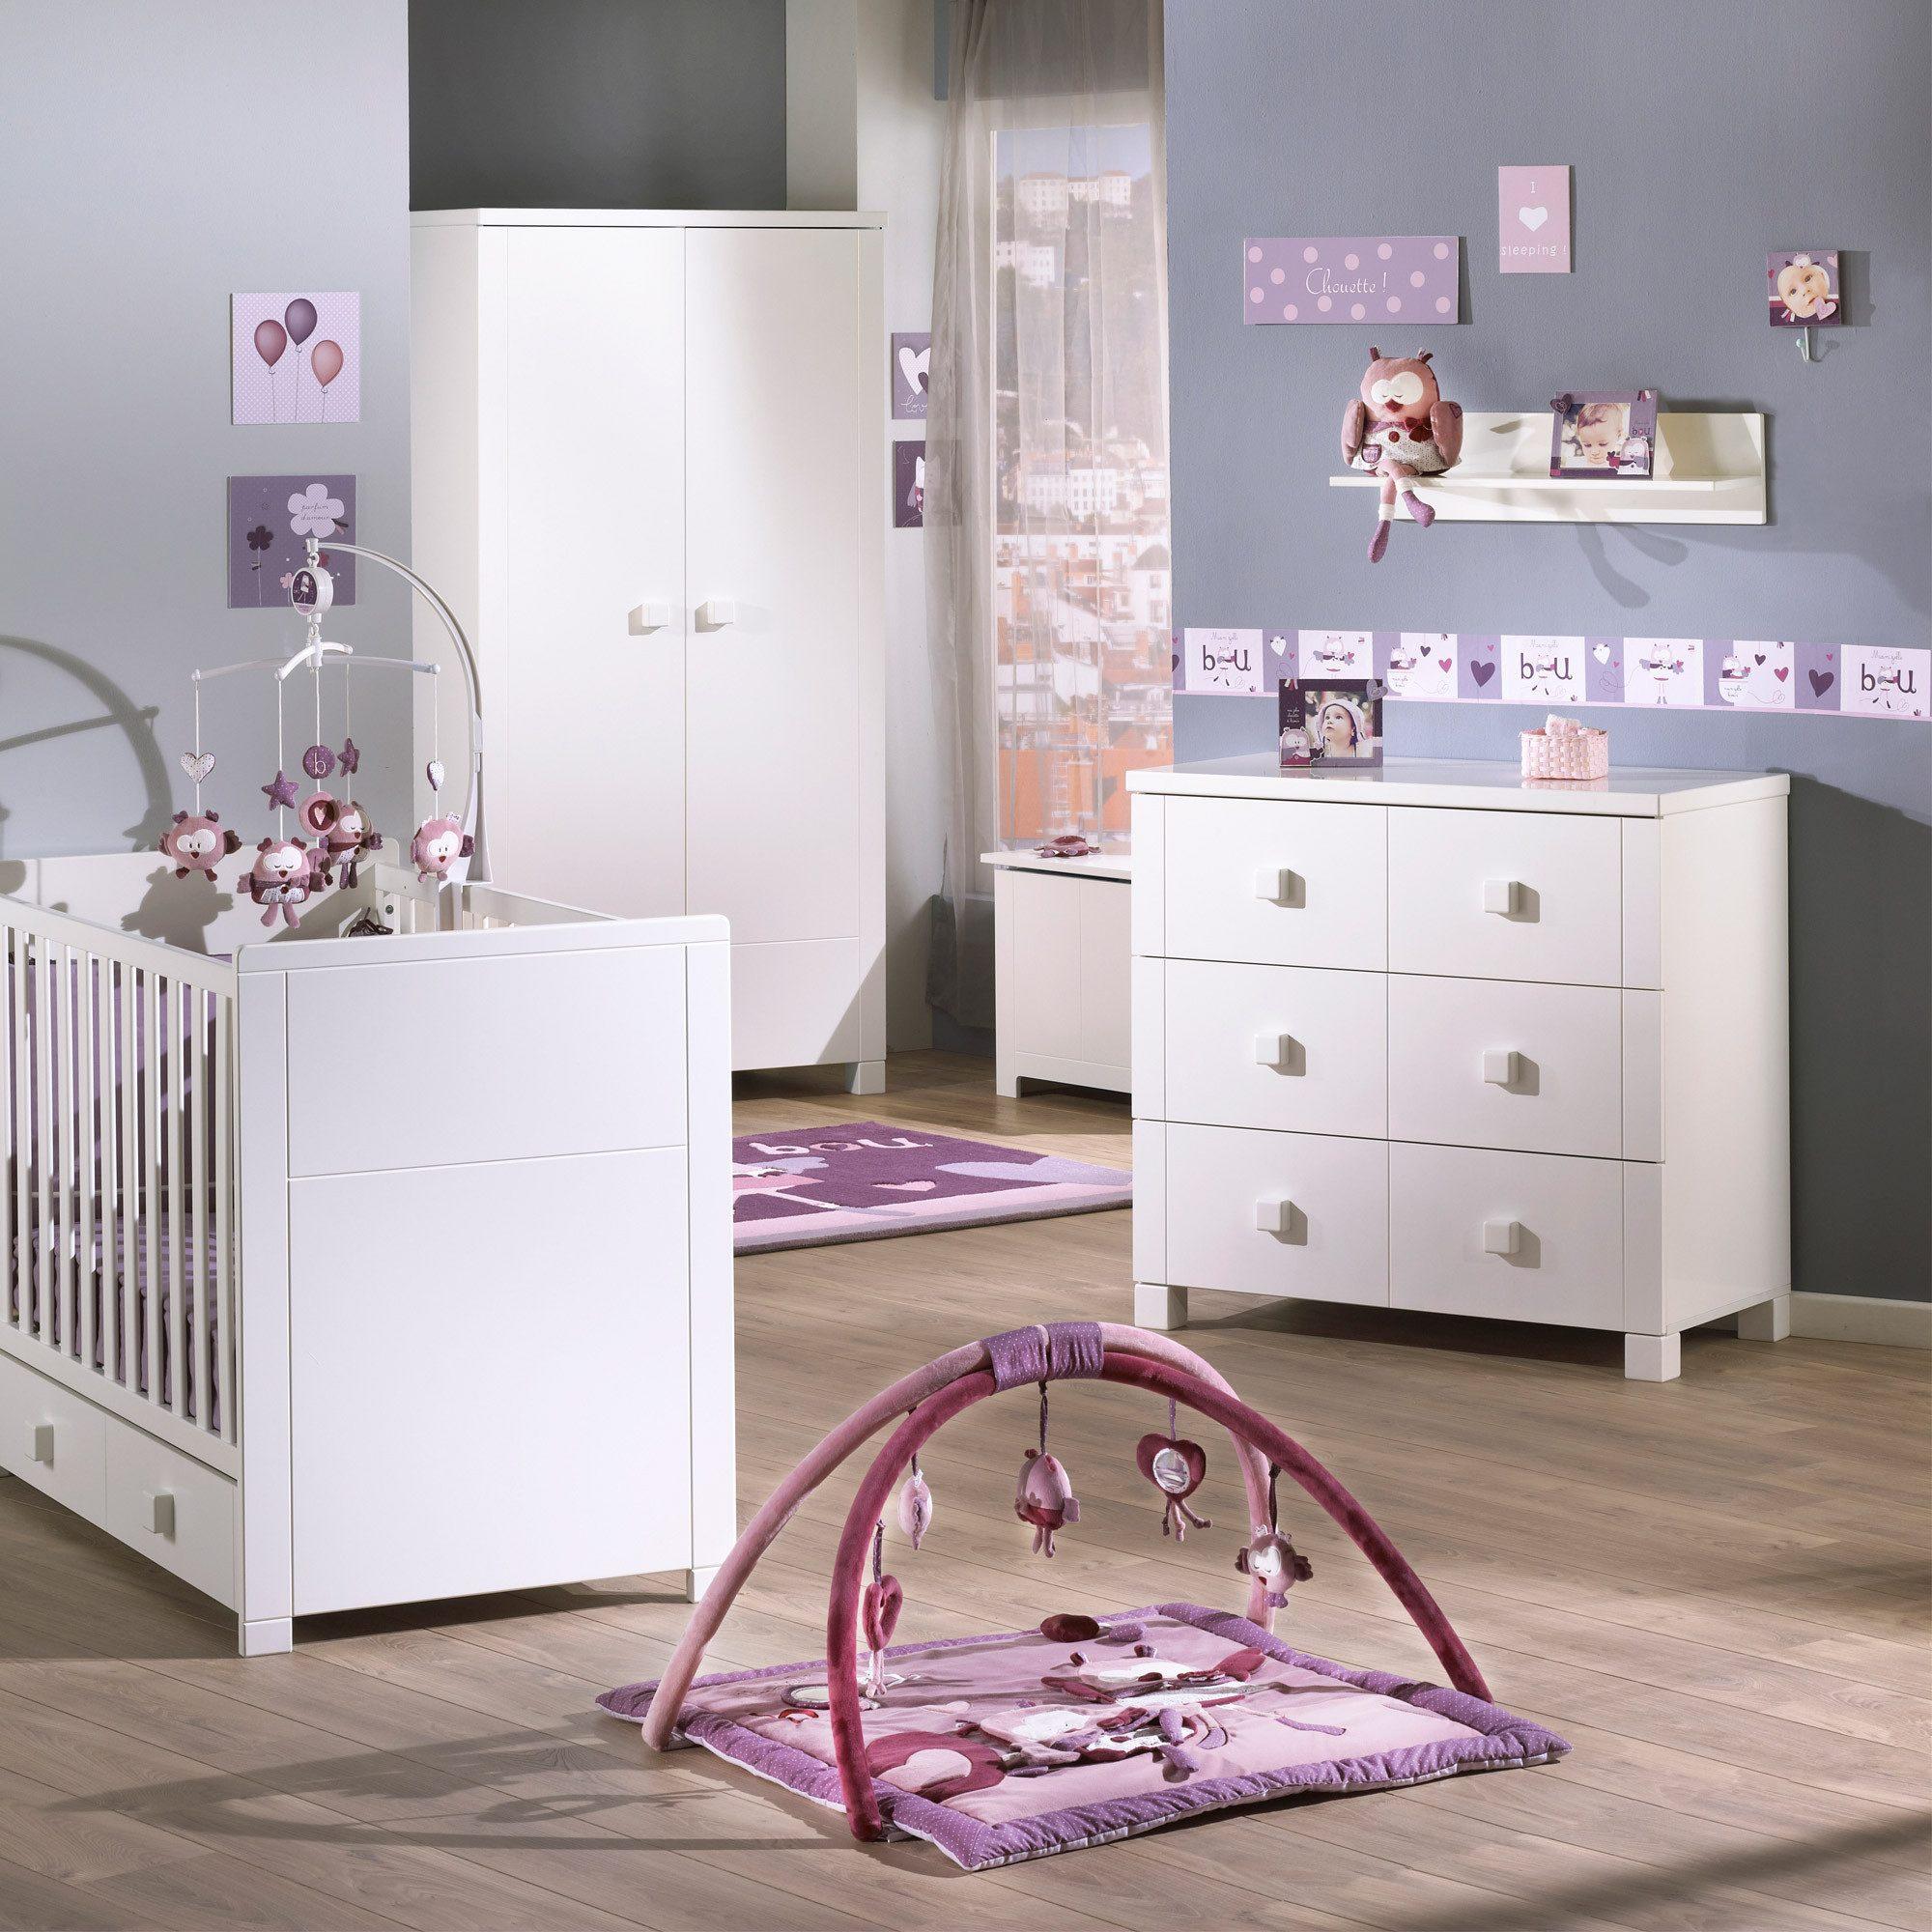 Chambre Bebe Complete Avec Lit Evolutif Frais Chambre Bebe Plete Avec Lit Evolutif Best Lit Bébé Achat Vente